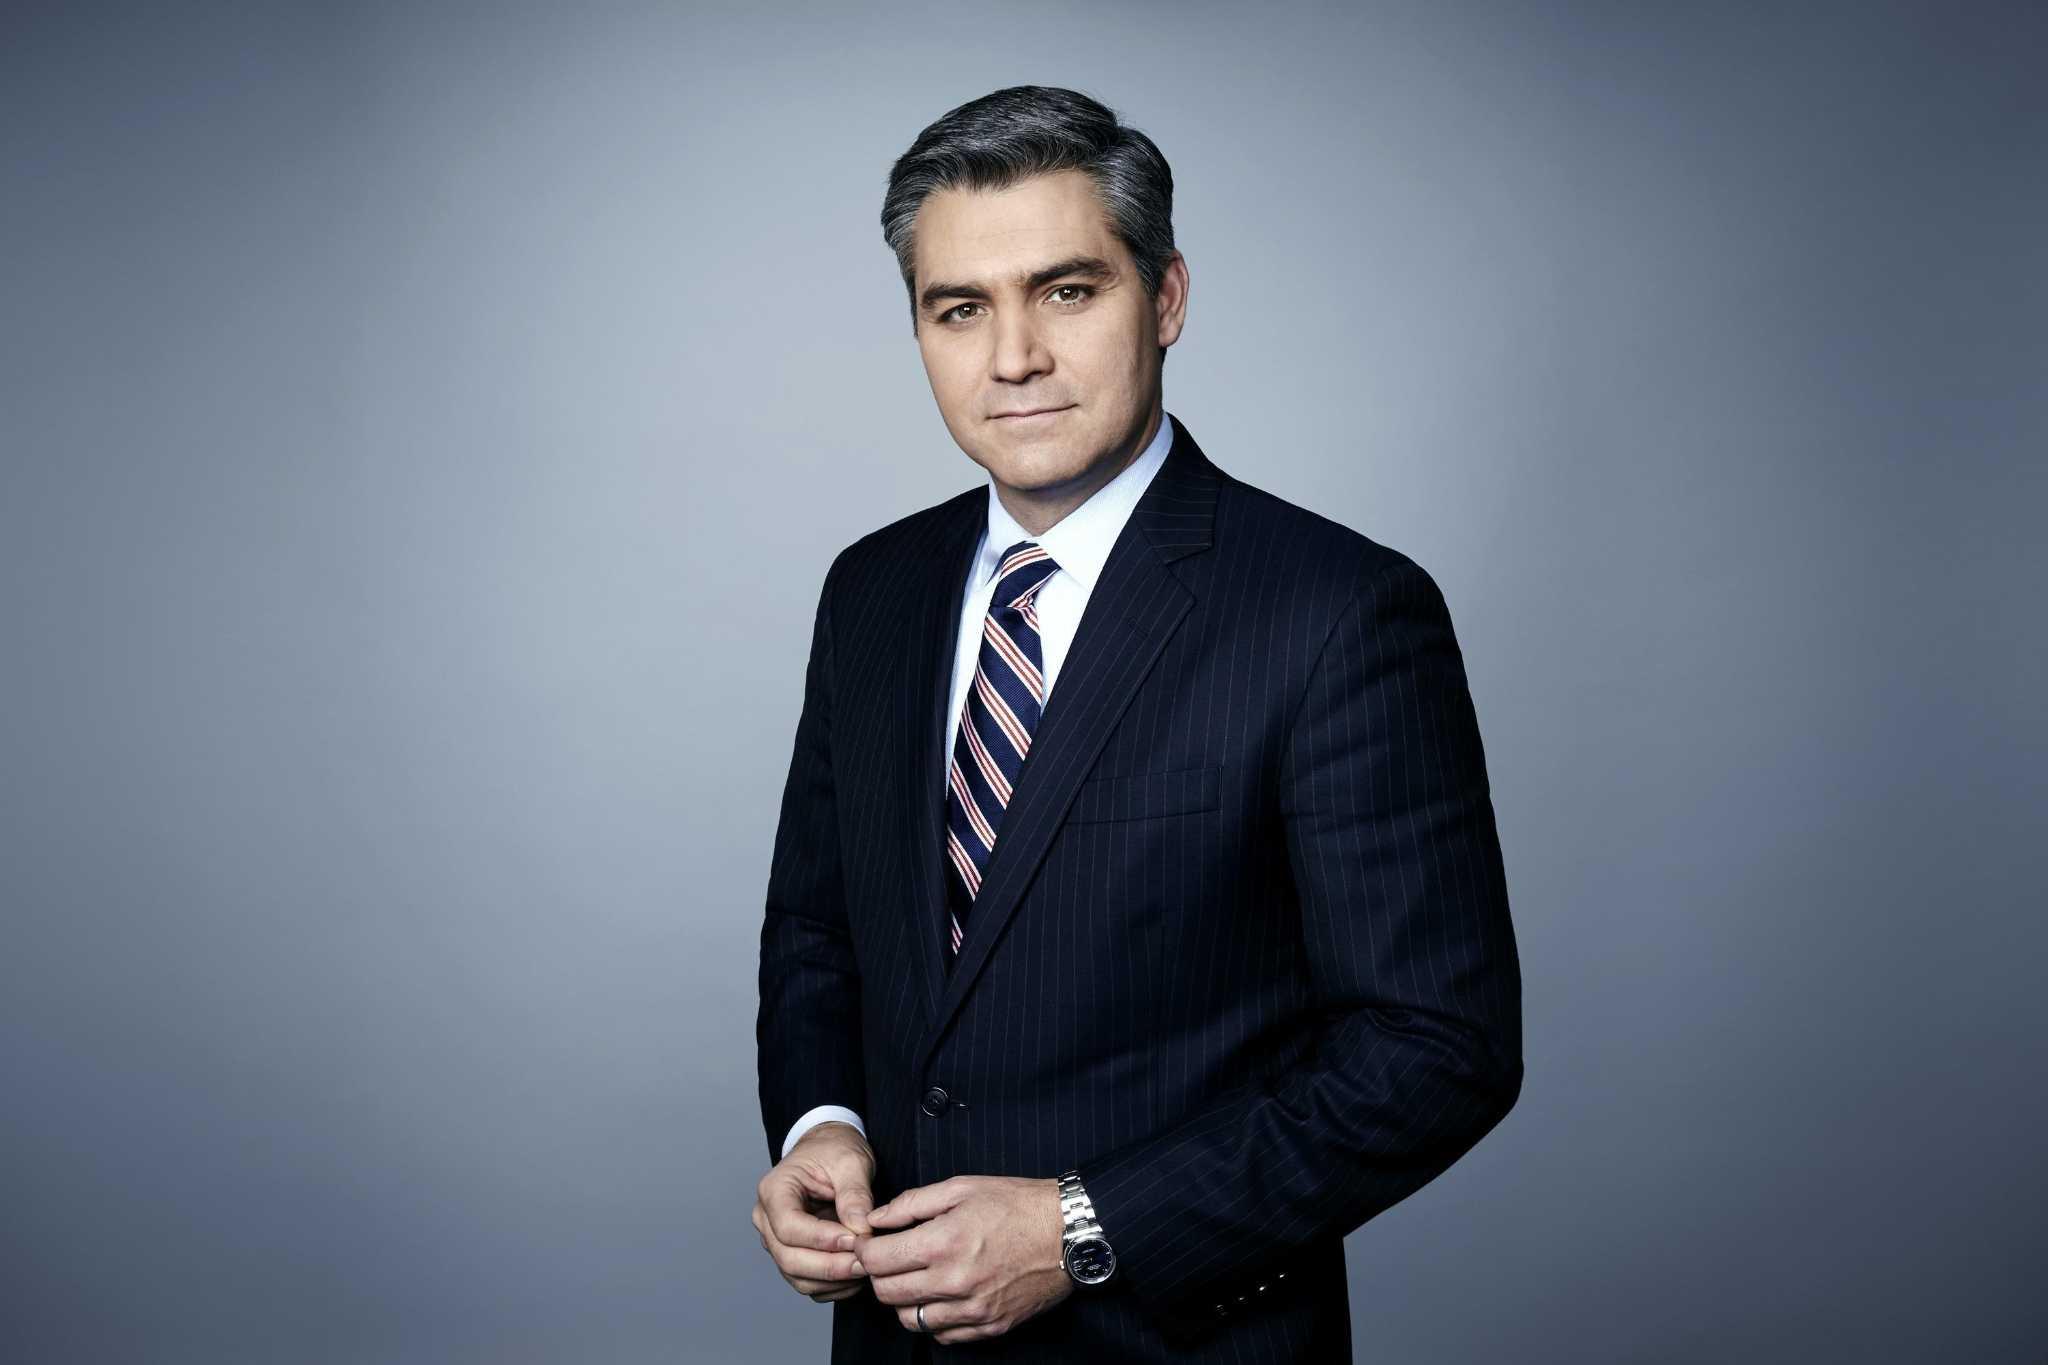 CNN's Jim Acosta to headline Hispanic journalists' gala ...